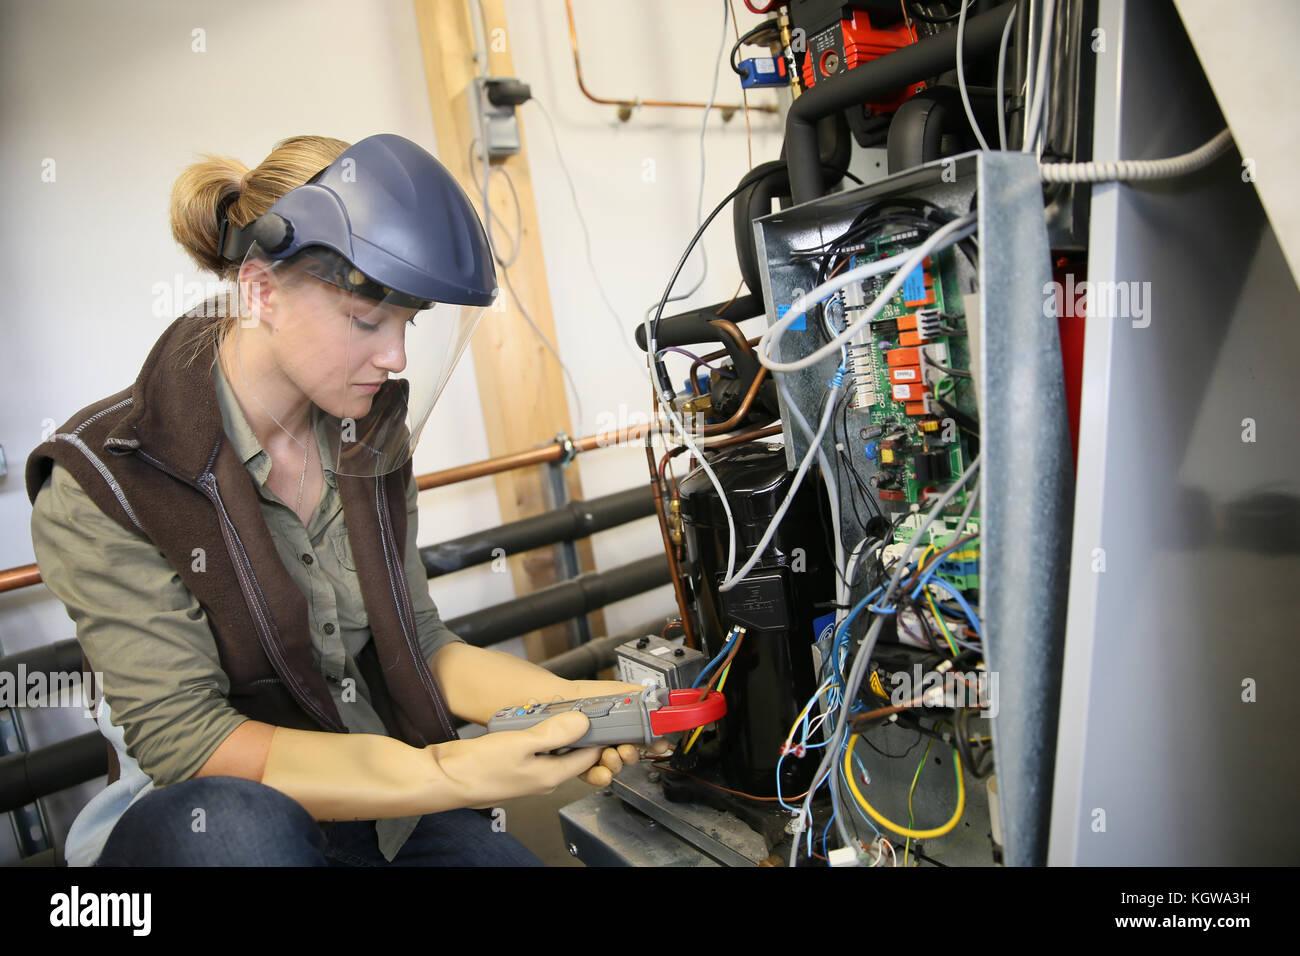 Giovane donna con maschera protettiva di controllo intensità elettrica Immagini Stock